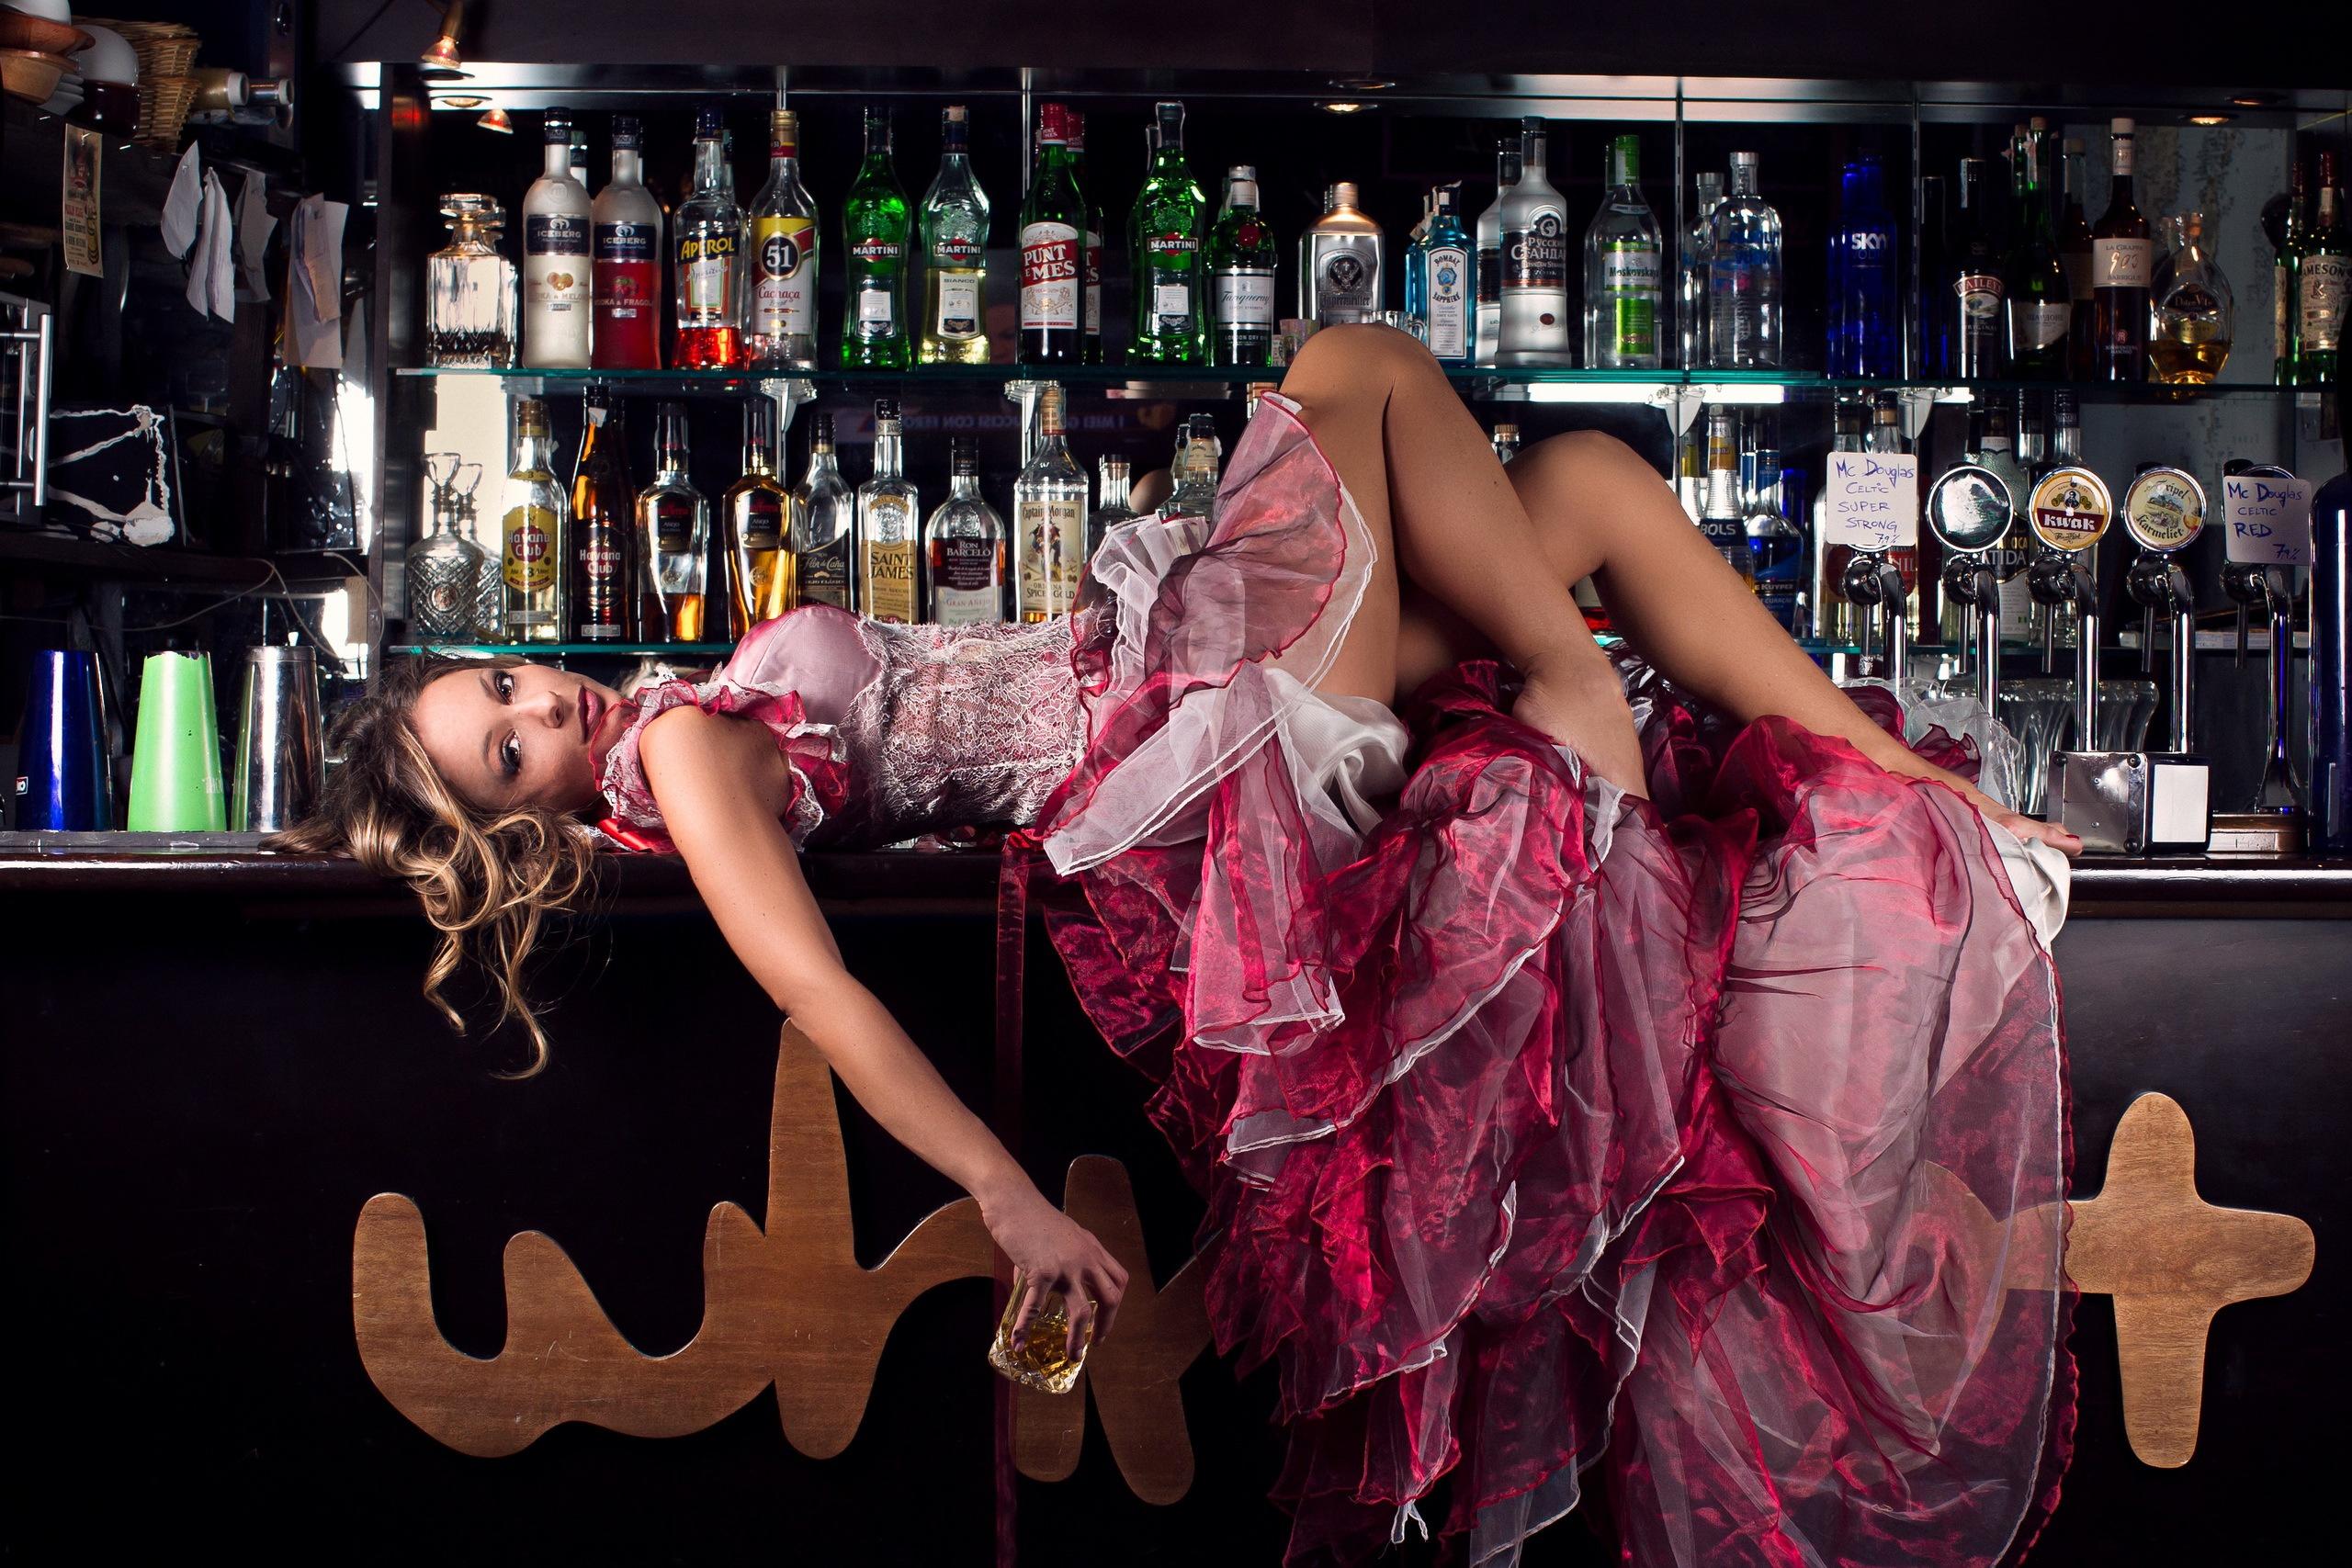 Девушка танцует на барной стойке с негром фото — pic 15